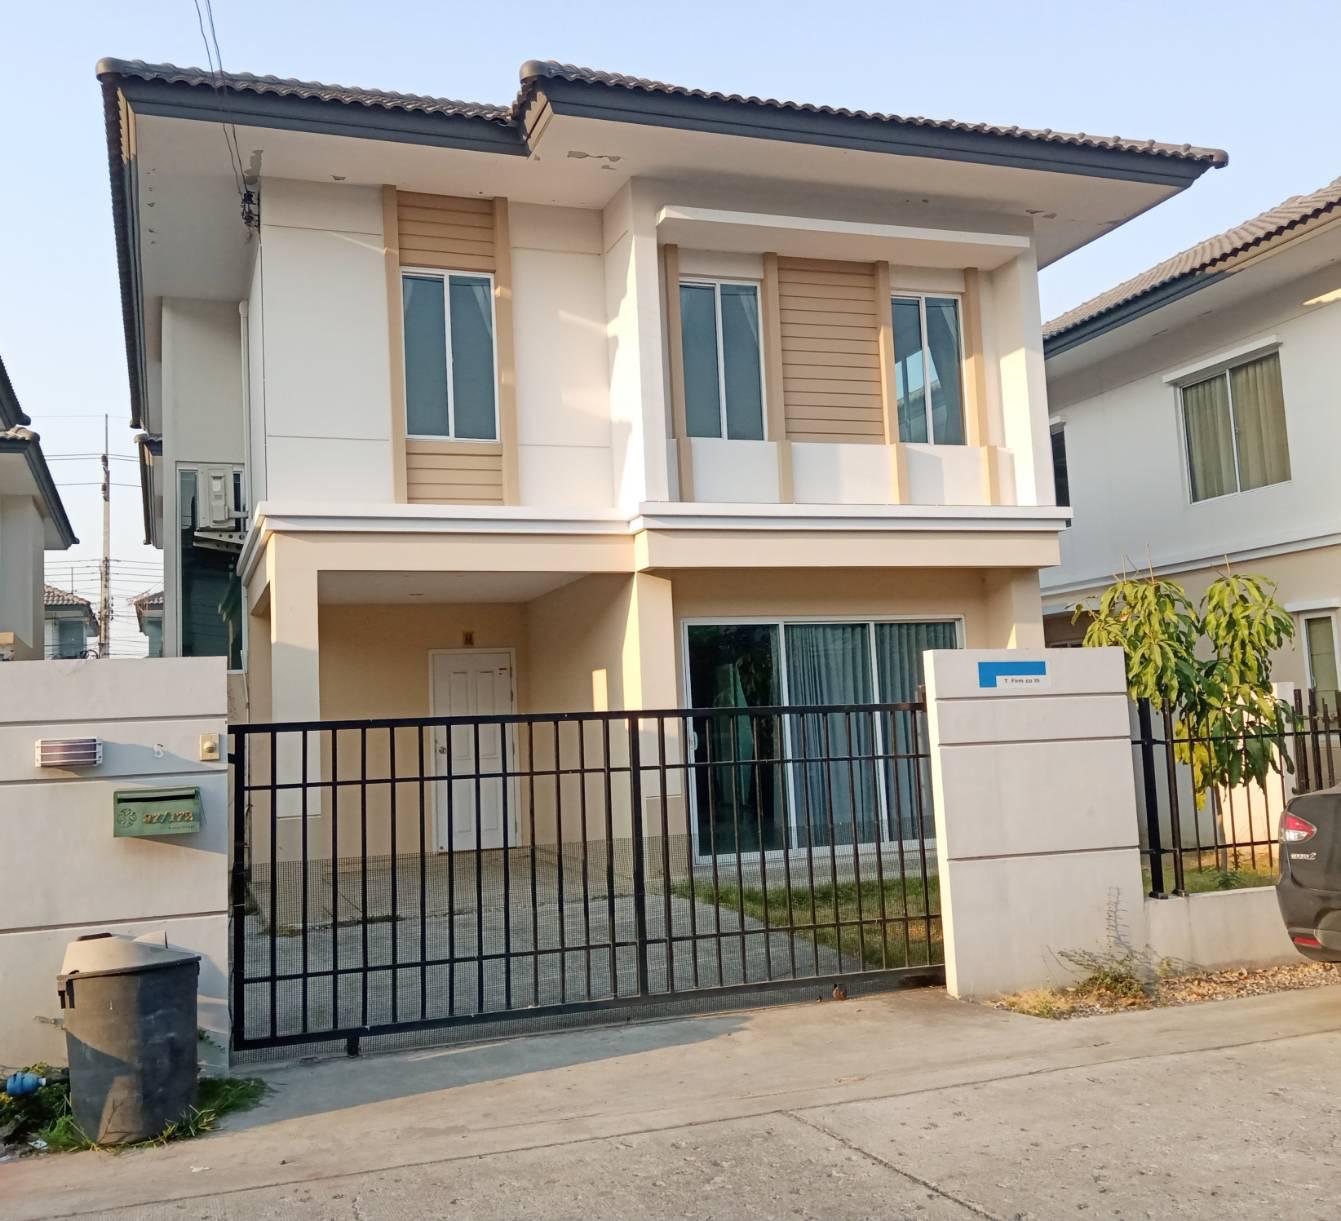 ขายด่วนบ้านสวยพร้อมอยู่ บ้านเดี่ยว 2 ชั้น   หมู่บ้านพฤกษาวิลเลจ 35 (เดอะซีซั่น) คลอง 3 ทำเลดี